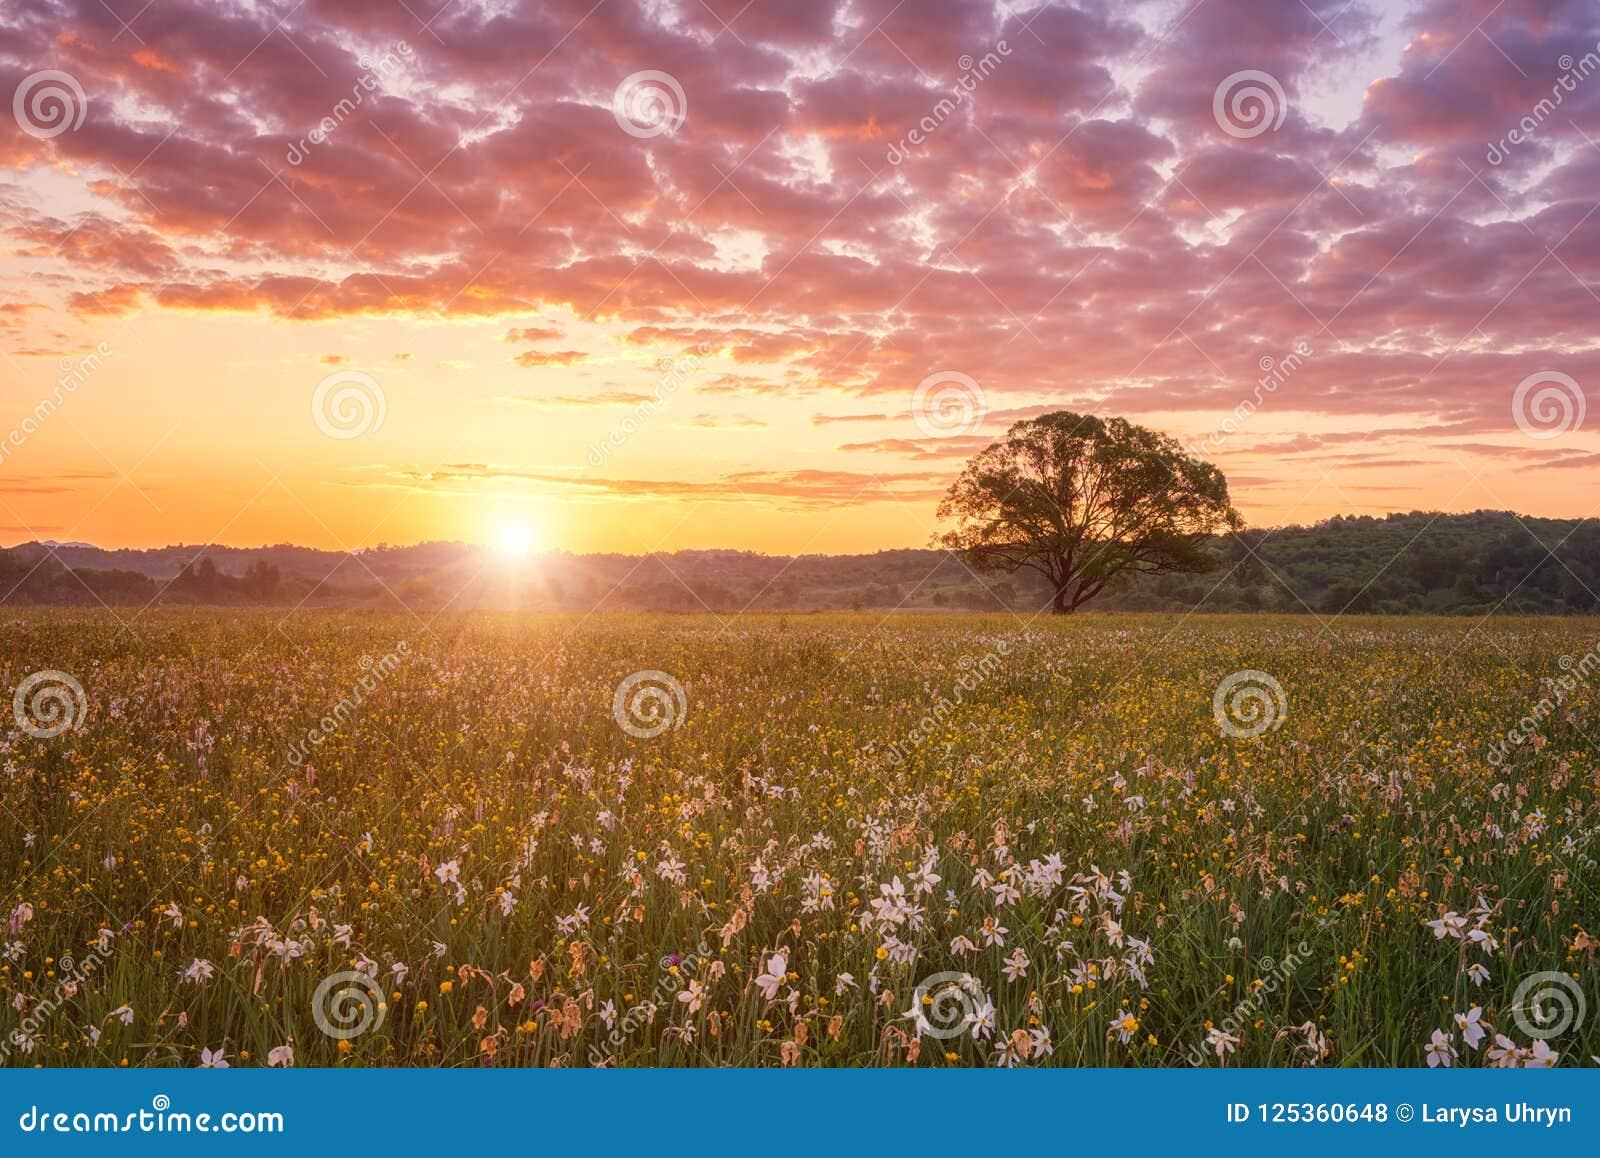 Красивый восход солнца в цветя долине, сценарном ландшафте с одичалыми растущими цветками и облачном небе цвета